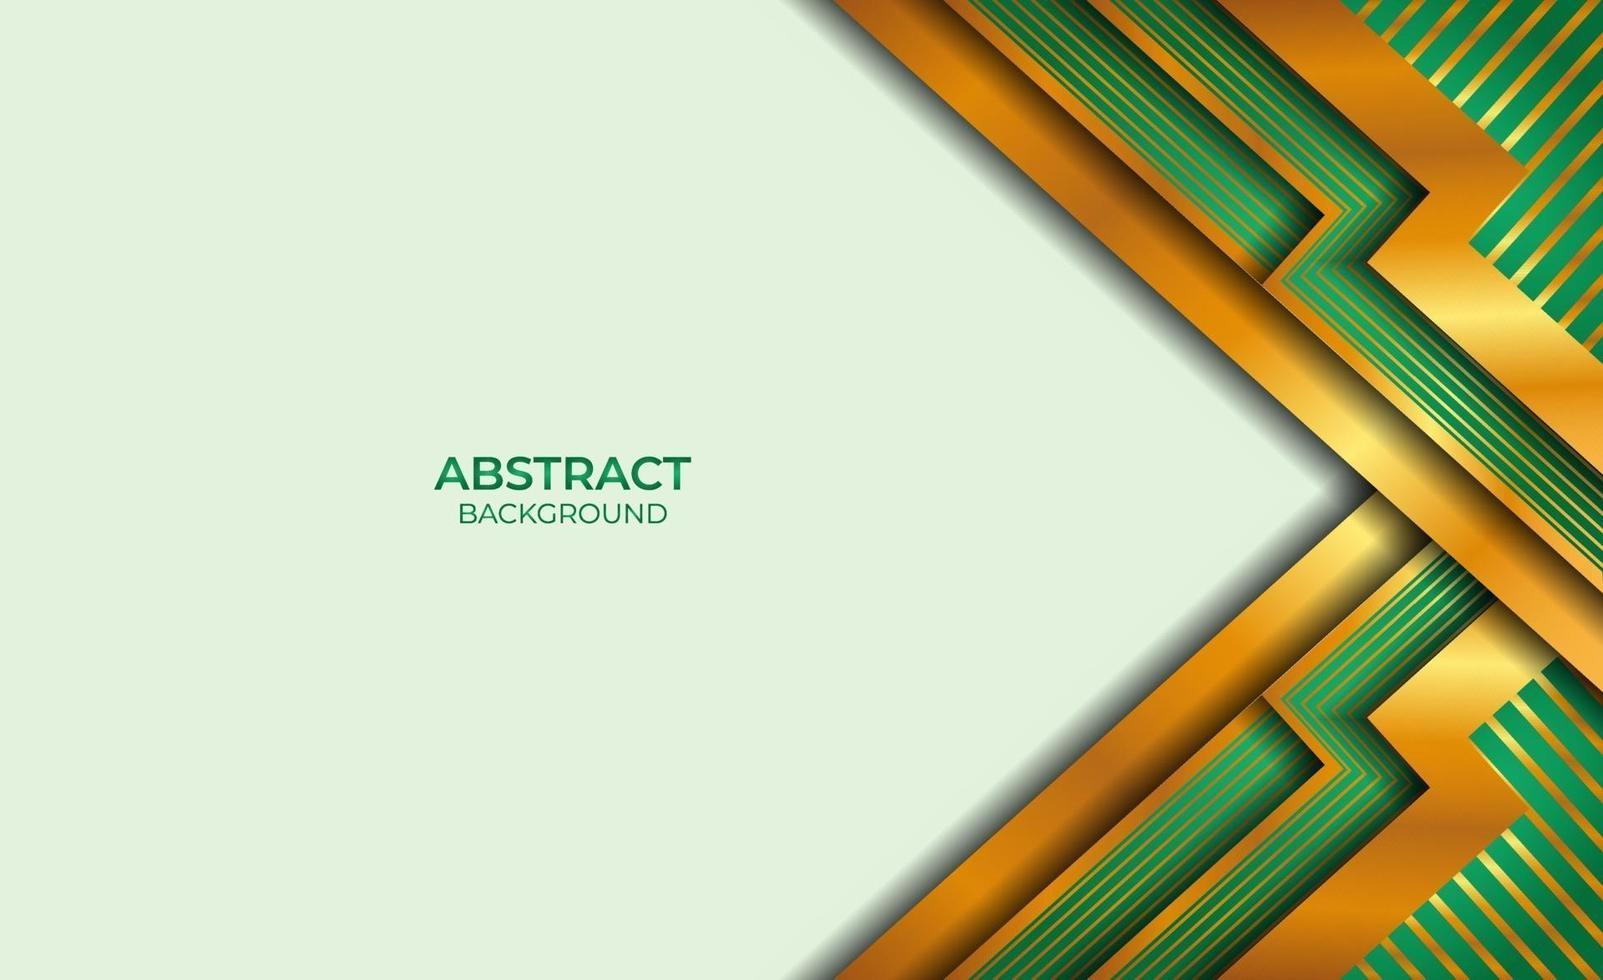 ontwerp achtergrond gouden en groene stijl abstract vector